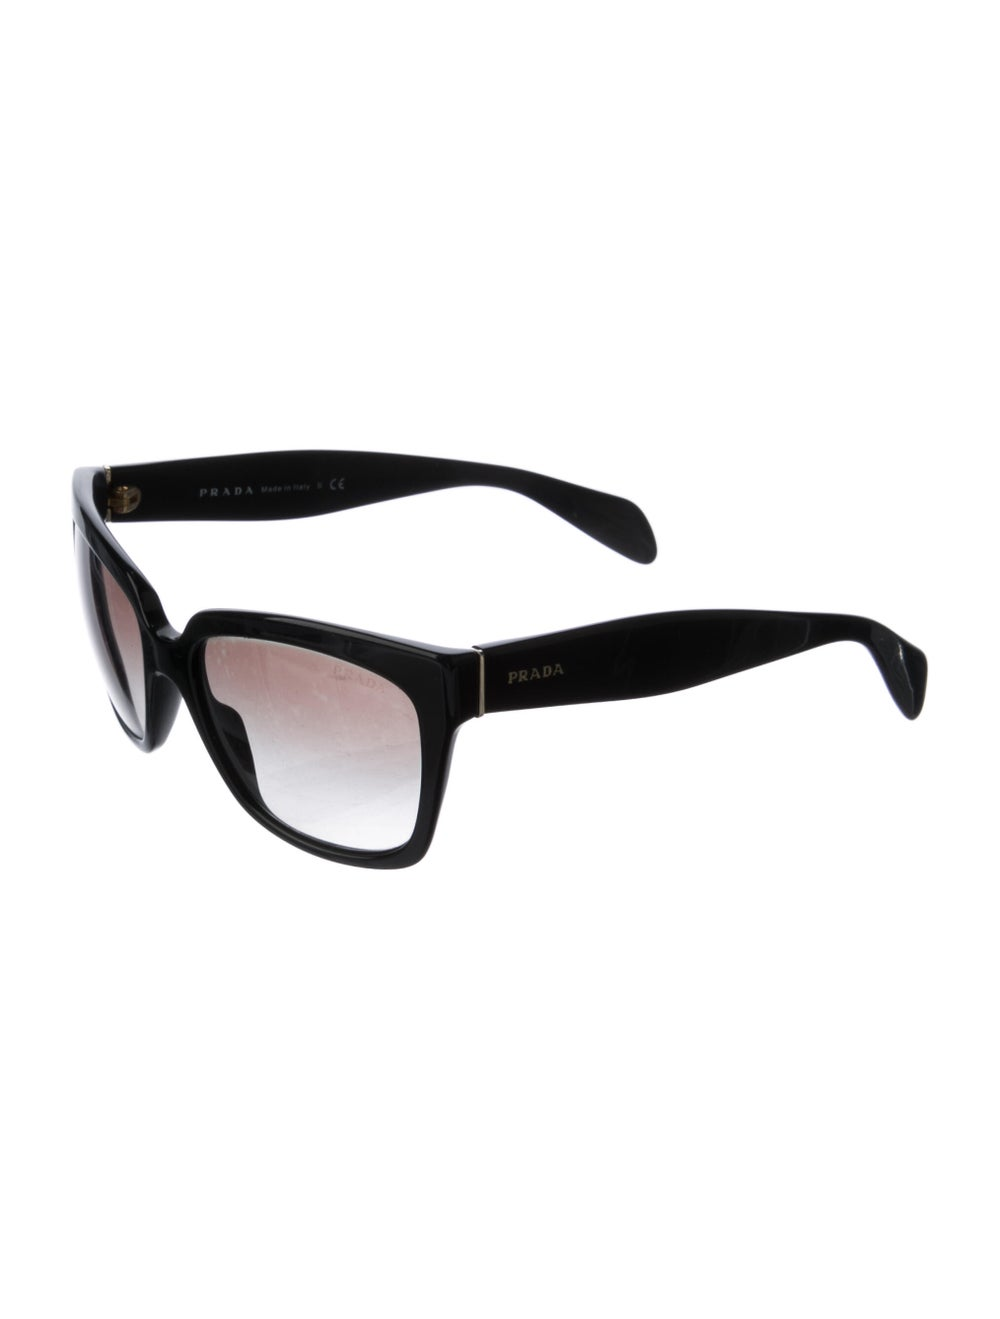 Prada Square Gradient Sunglasses Black - image 2